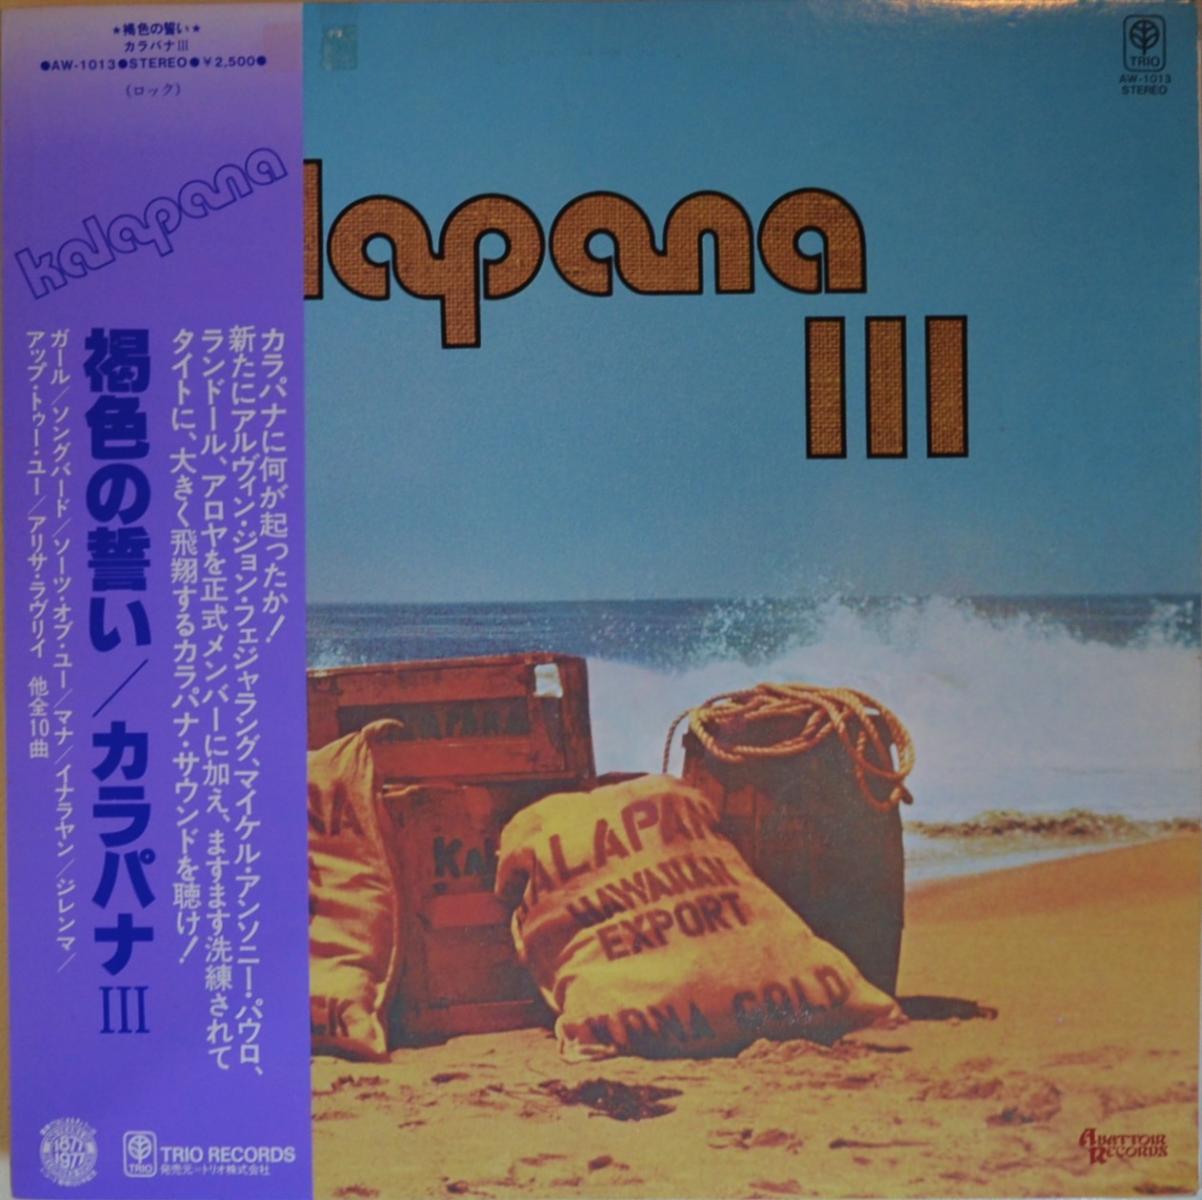 カラパナ KALAPANA / 褐色の誓い KALAPANA III (LP)